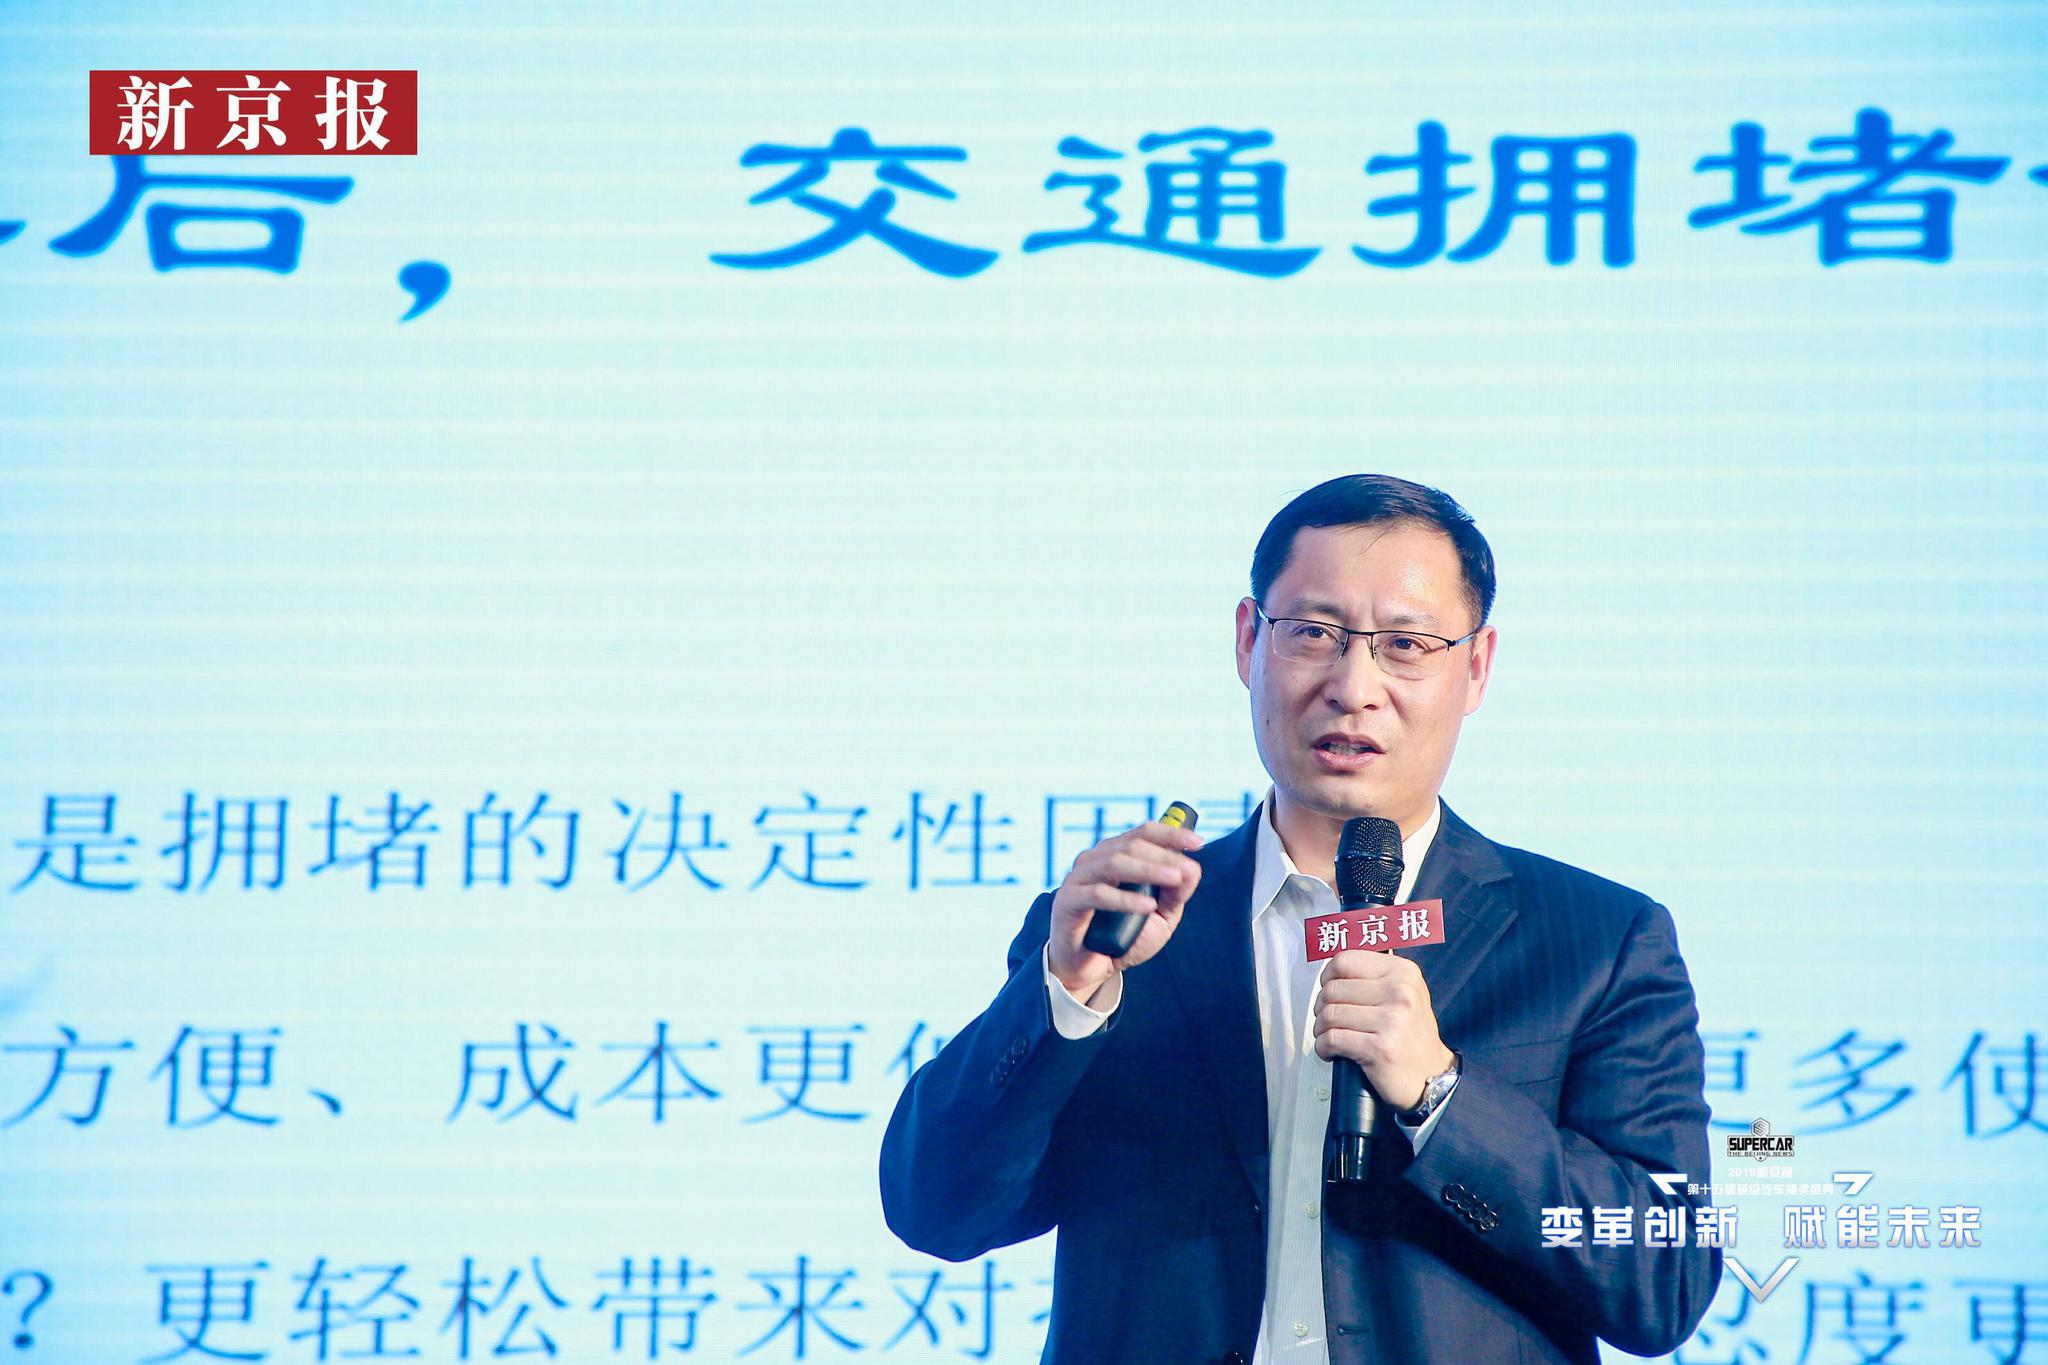 程世东:未来不再是卖车,而是卖服务图片